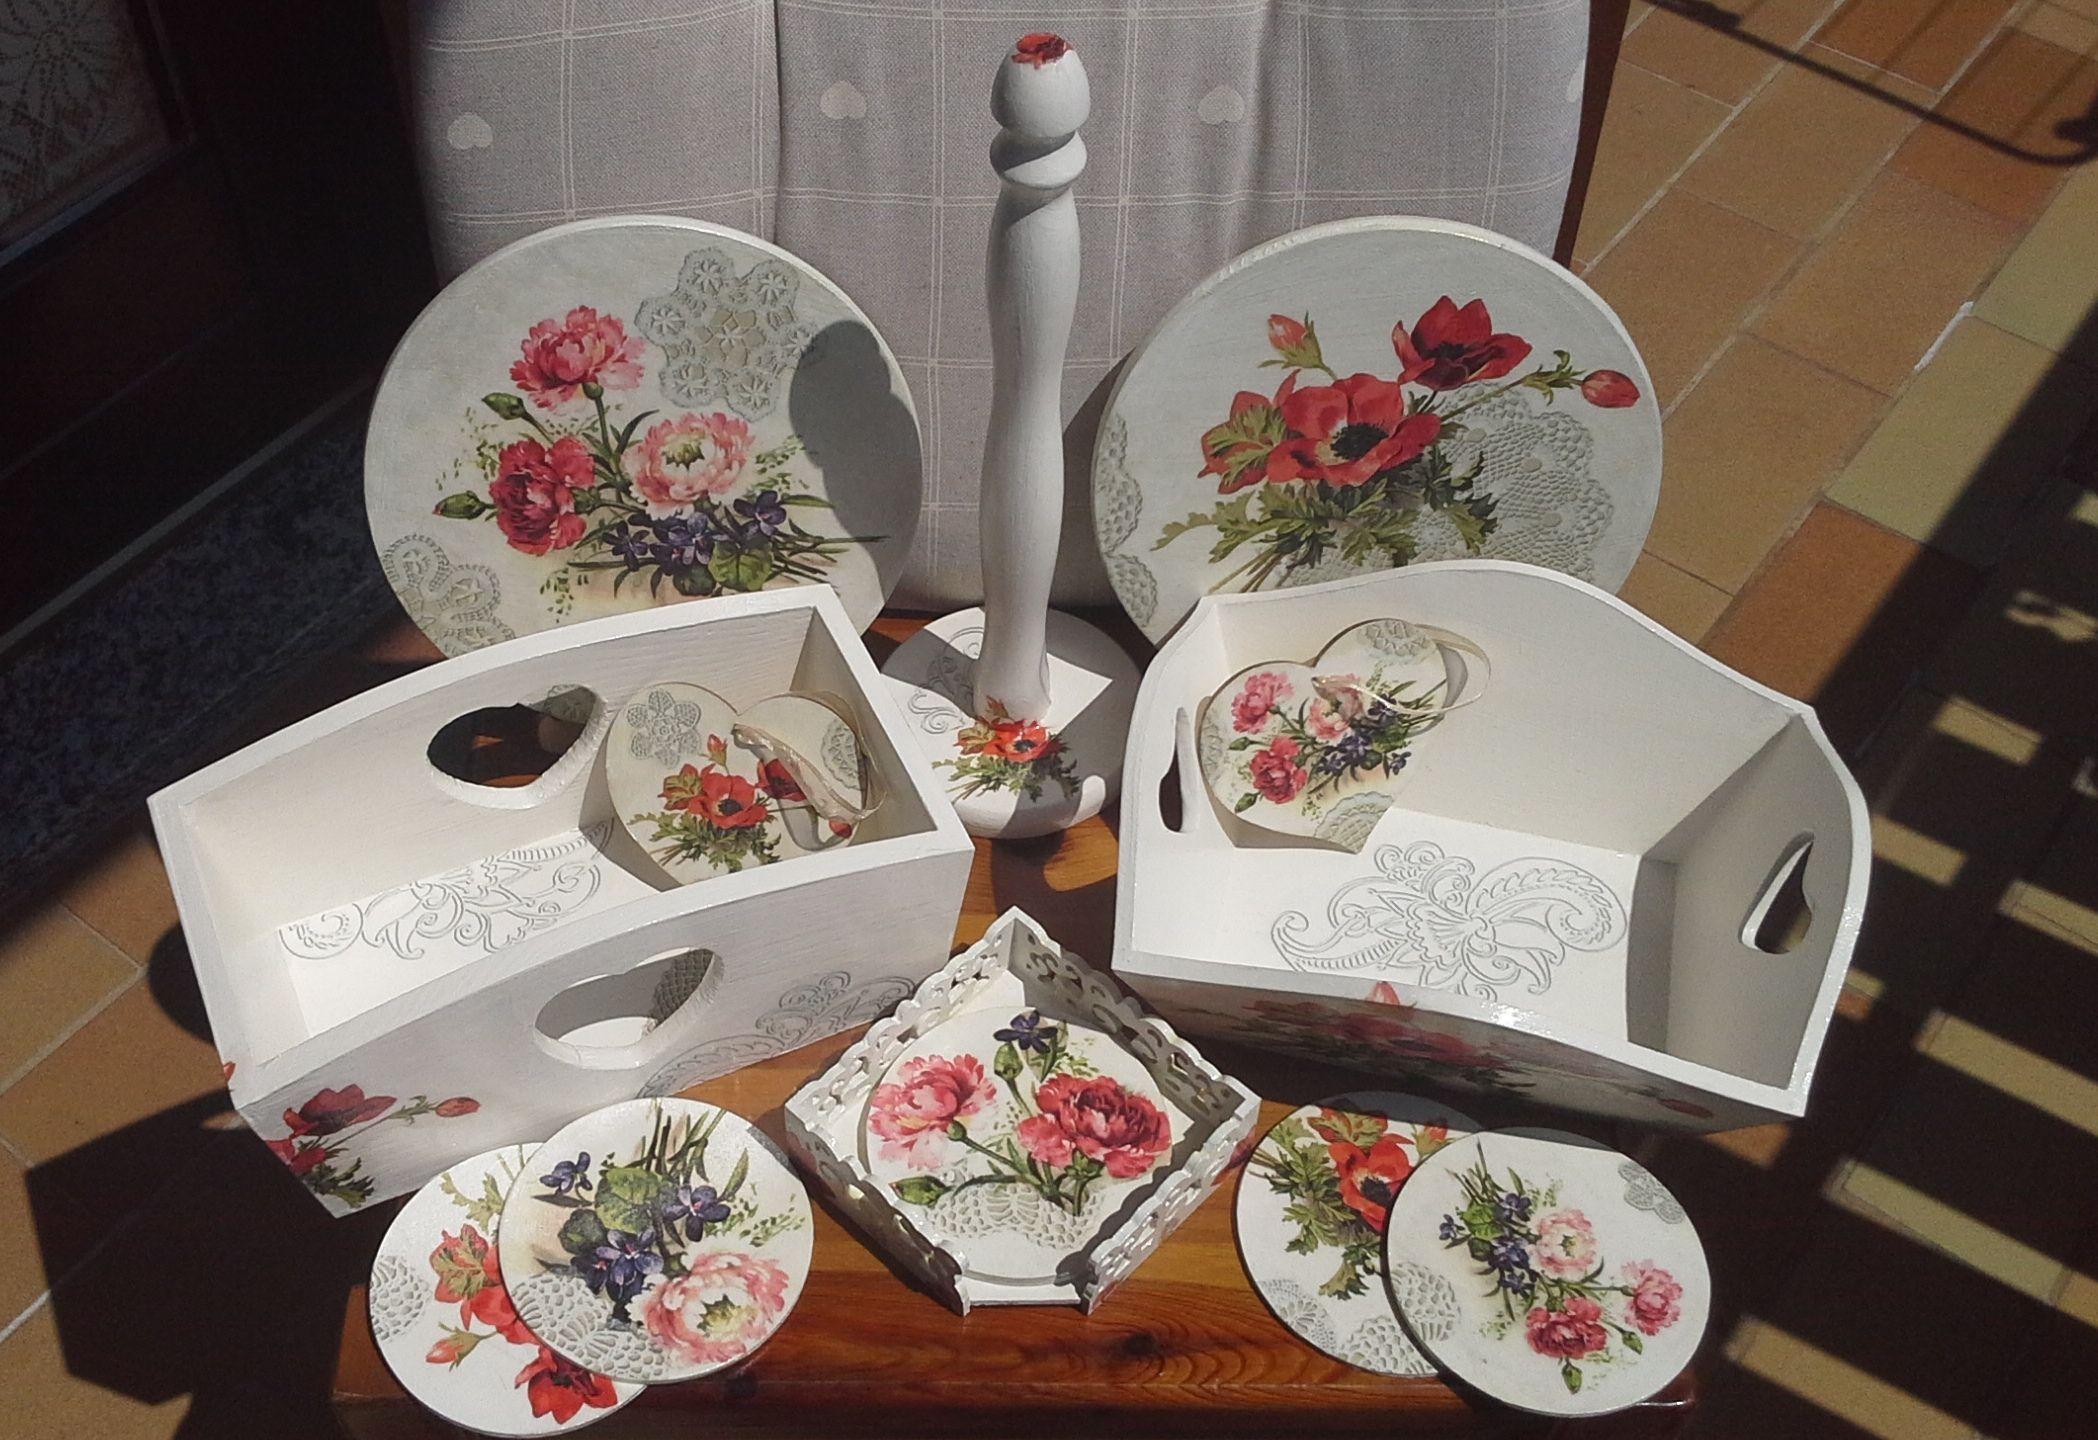 fiori per la mia cucina: sopporto in legno, carta di riso con fiori ...